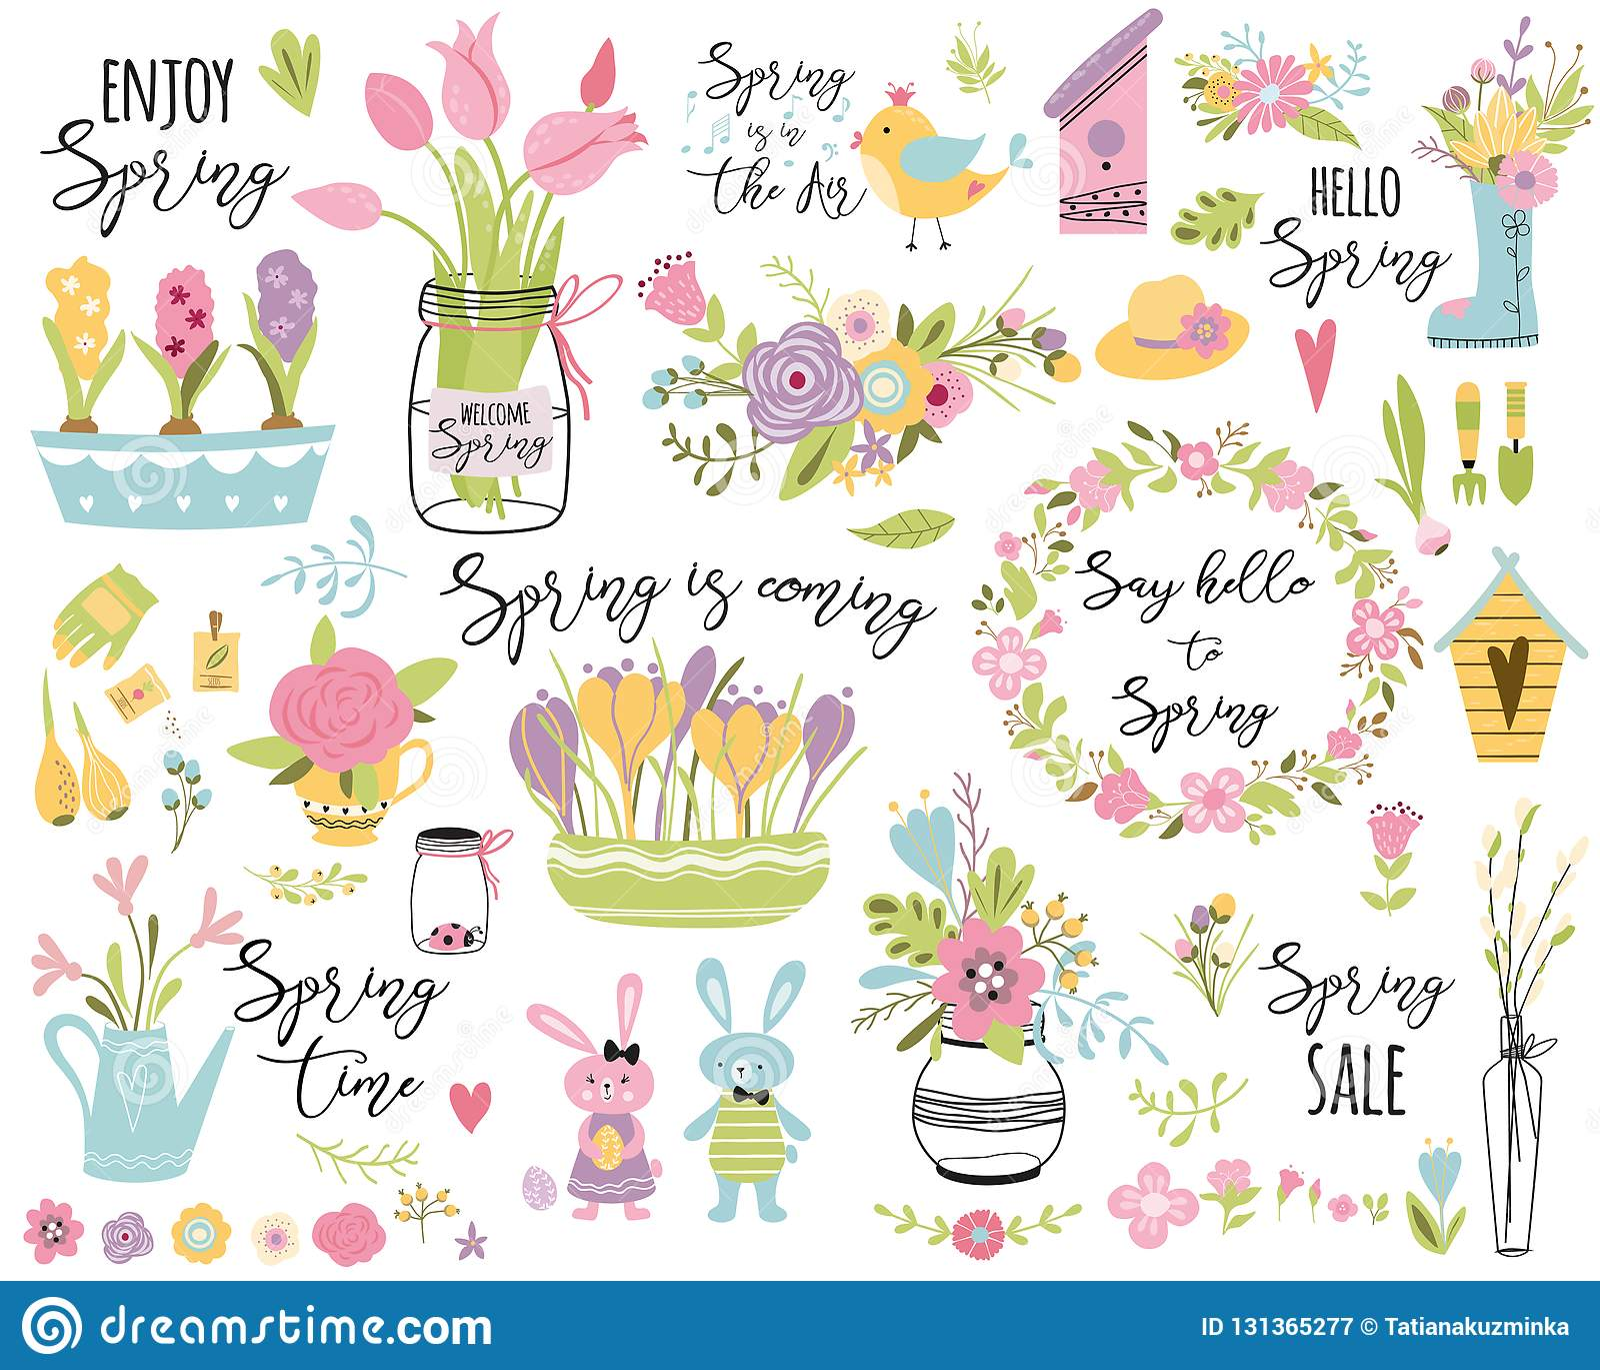 Spring Set Hand Drawn Elements Flowers Bird Wreaths Rabbit Here